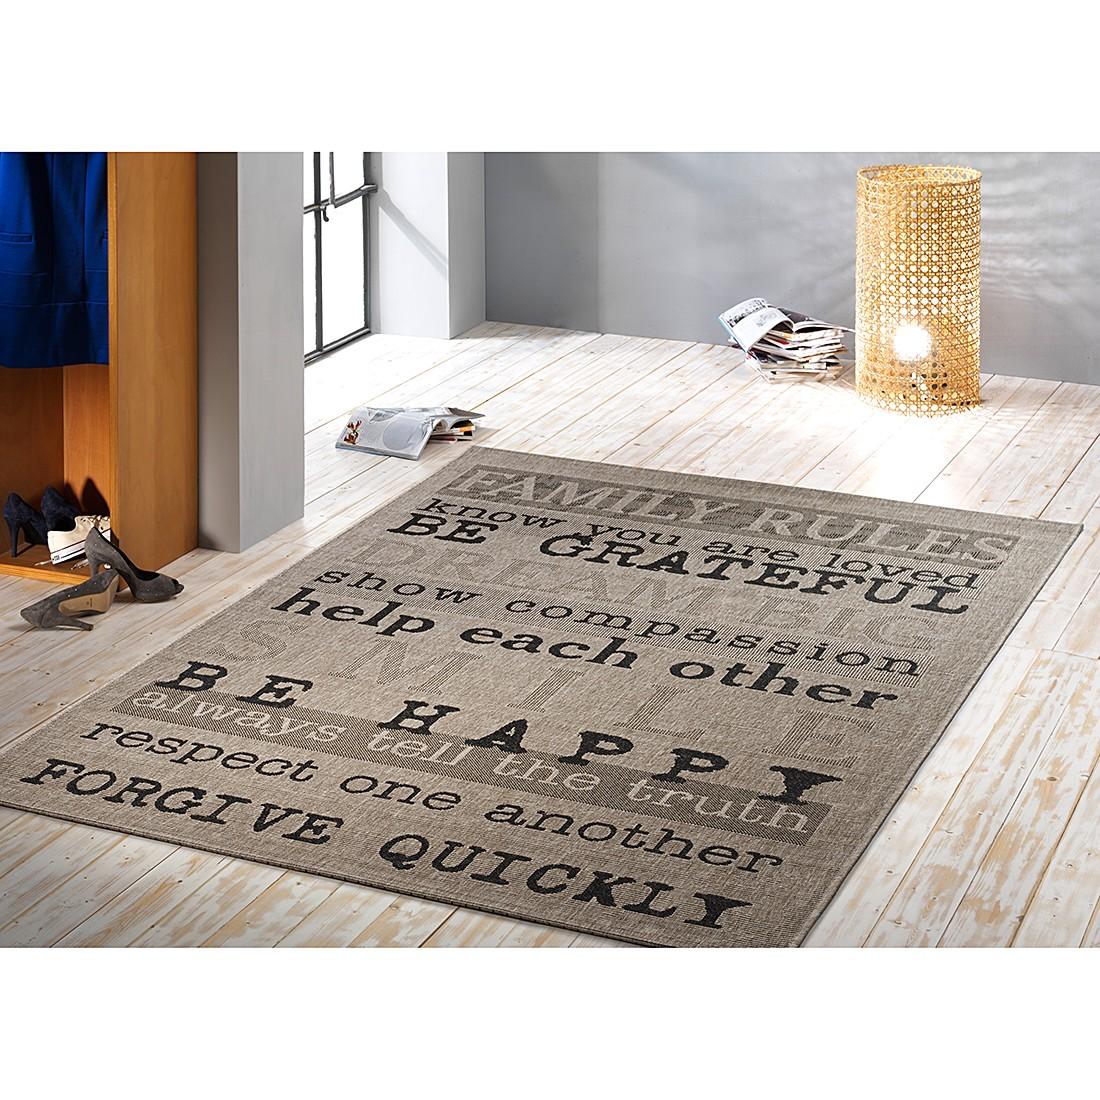 Teppich Typus – Grau, Hanse Home Collection günstig bestellen